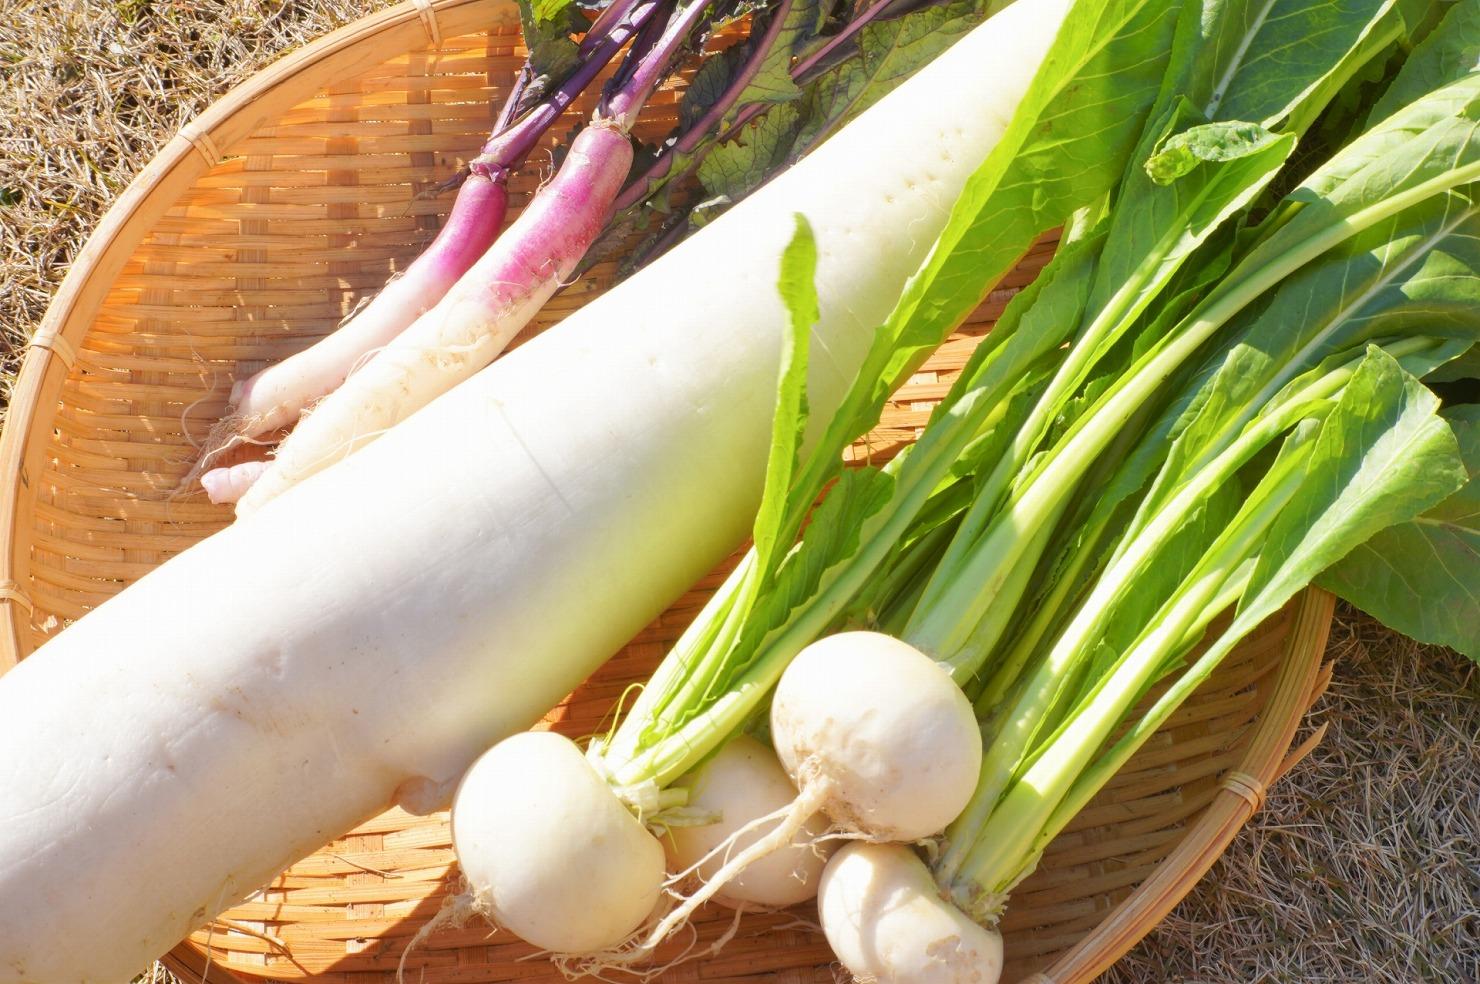 離乳食におすすめ! 大根とかぶは栄養豊富